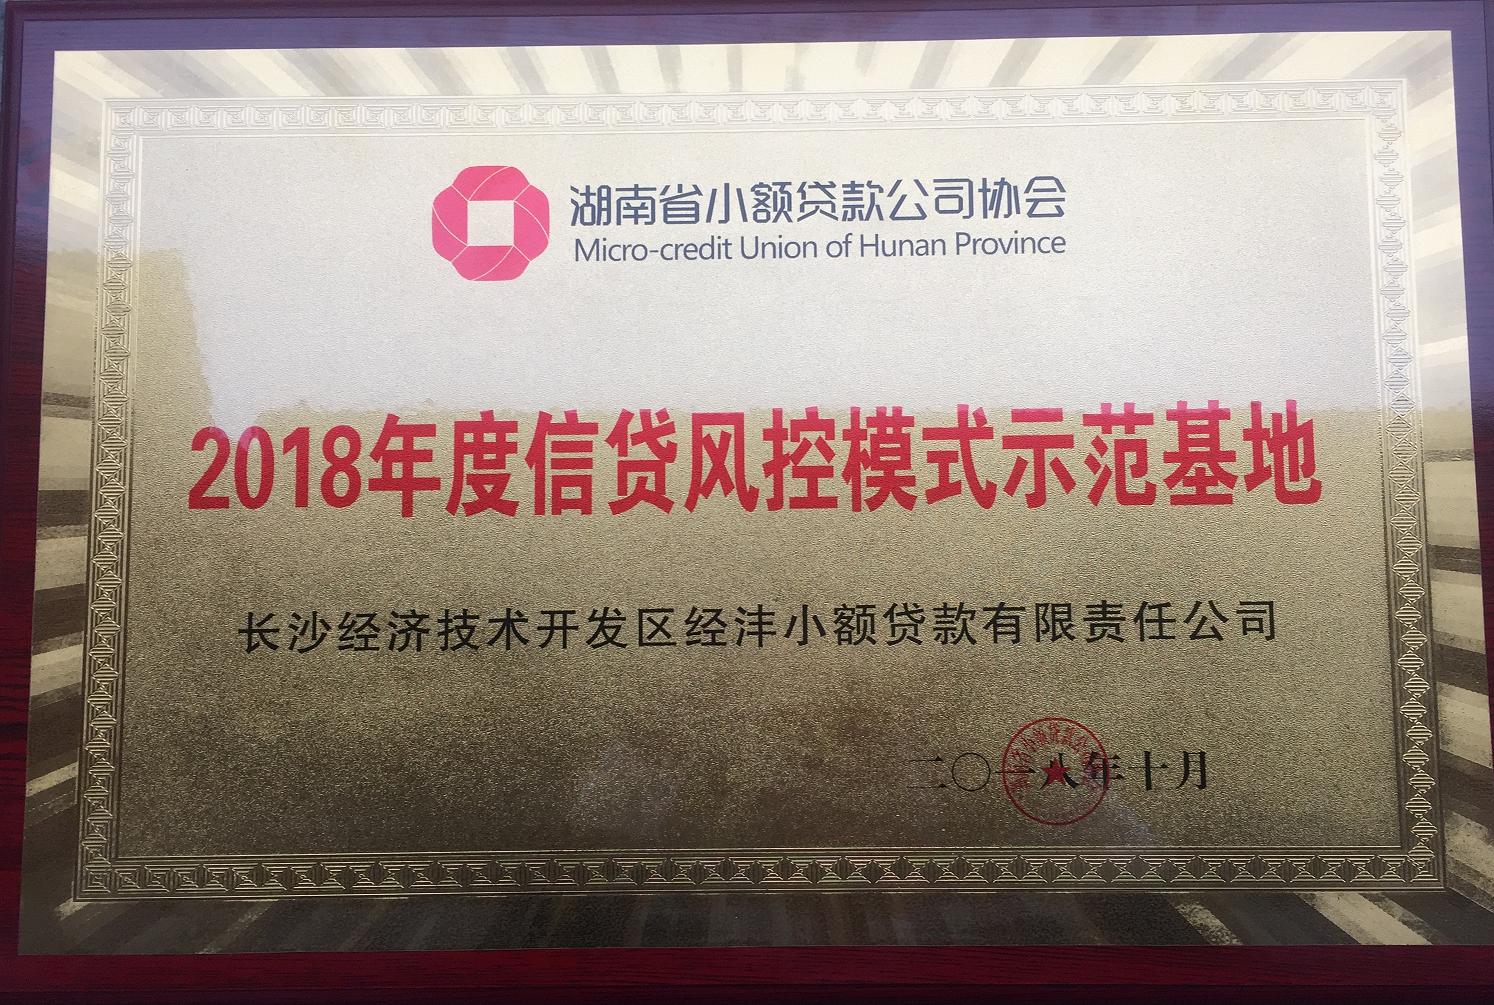 经沣小贷公司——全省2018年度信贷风控模式示范基地